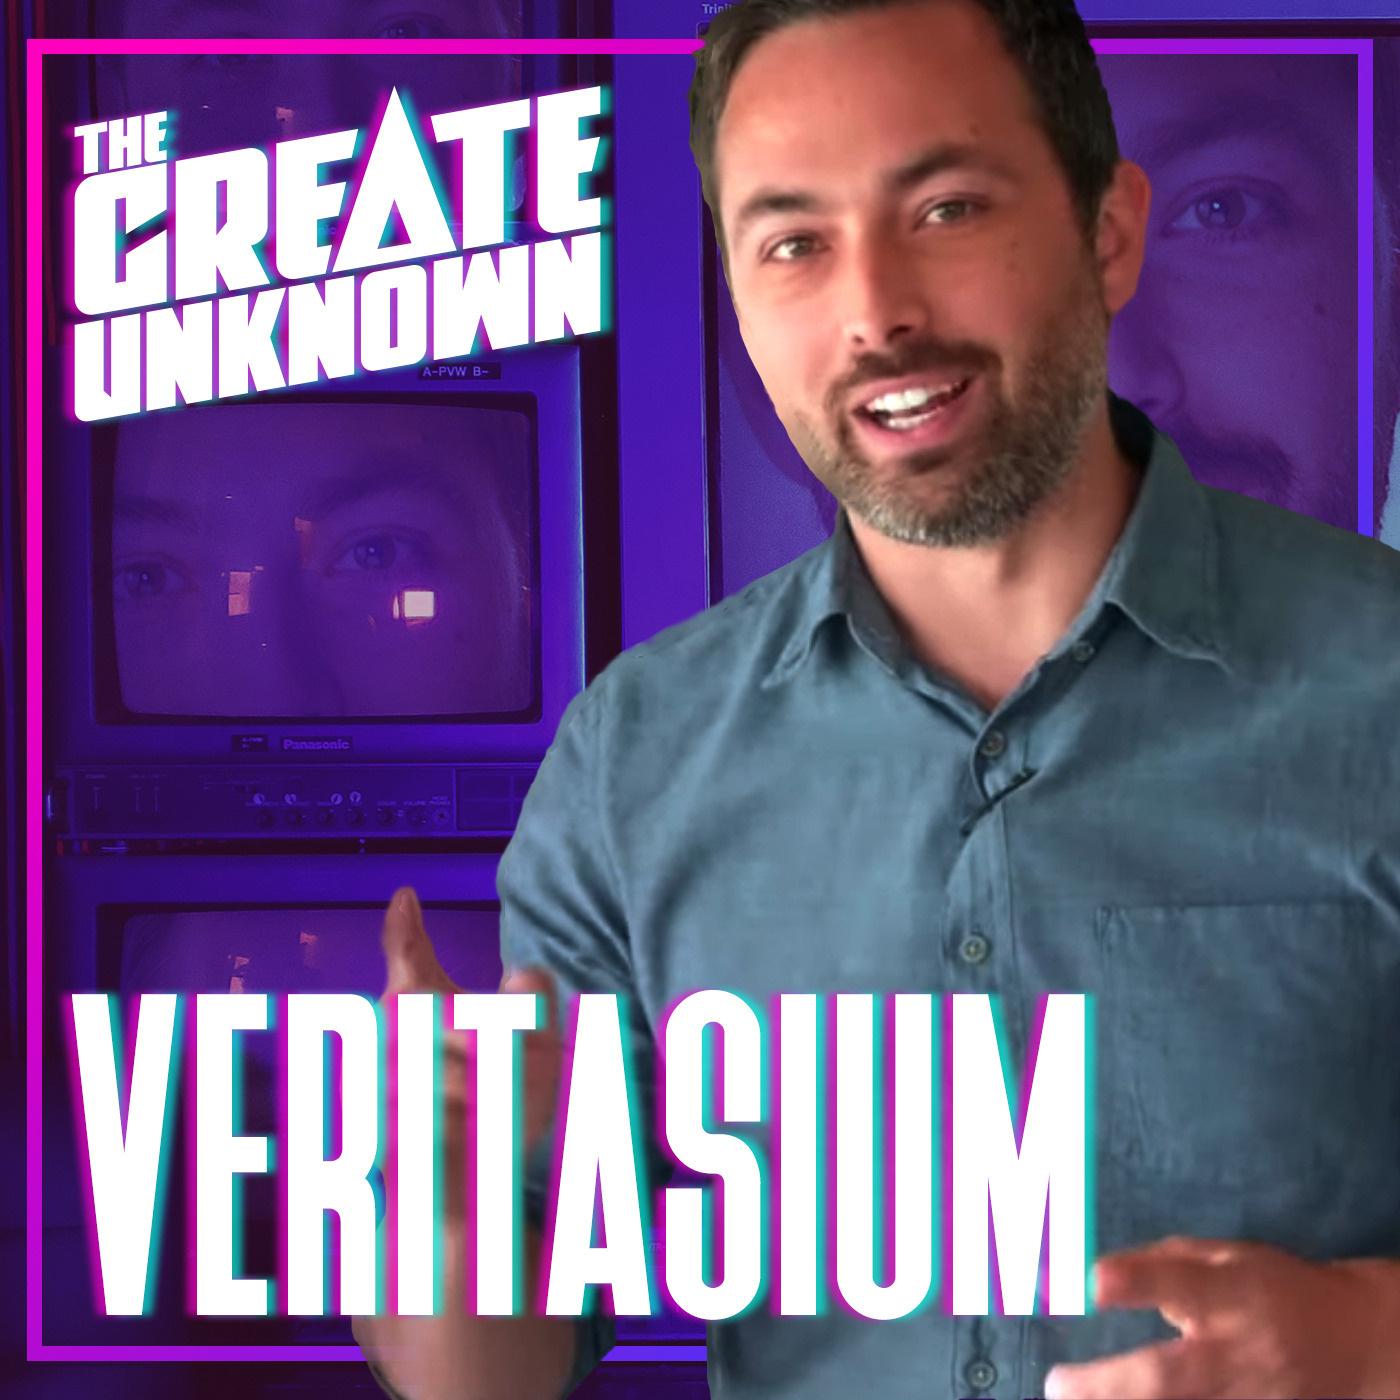 Veritasium enters The Create Unknown